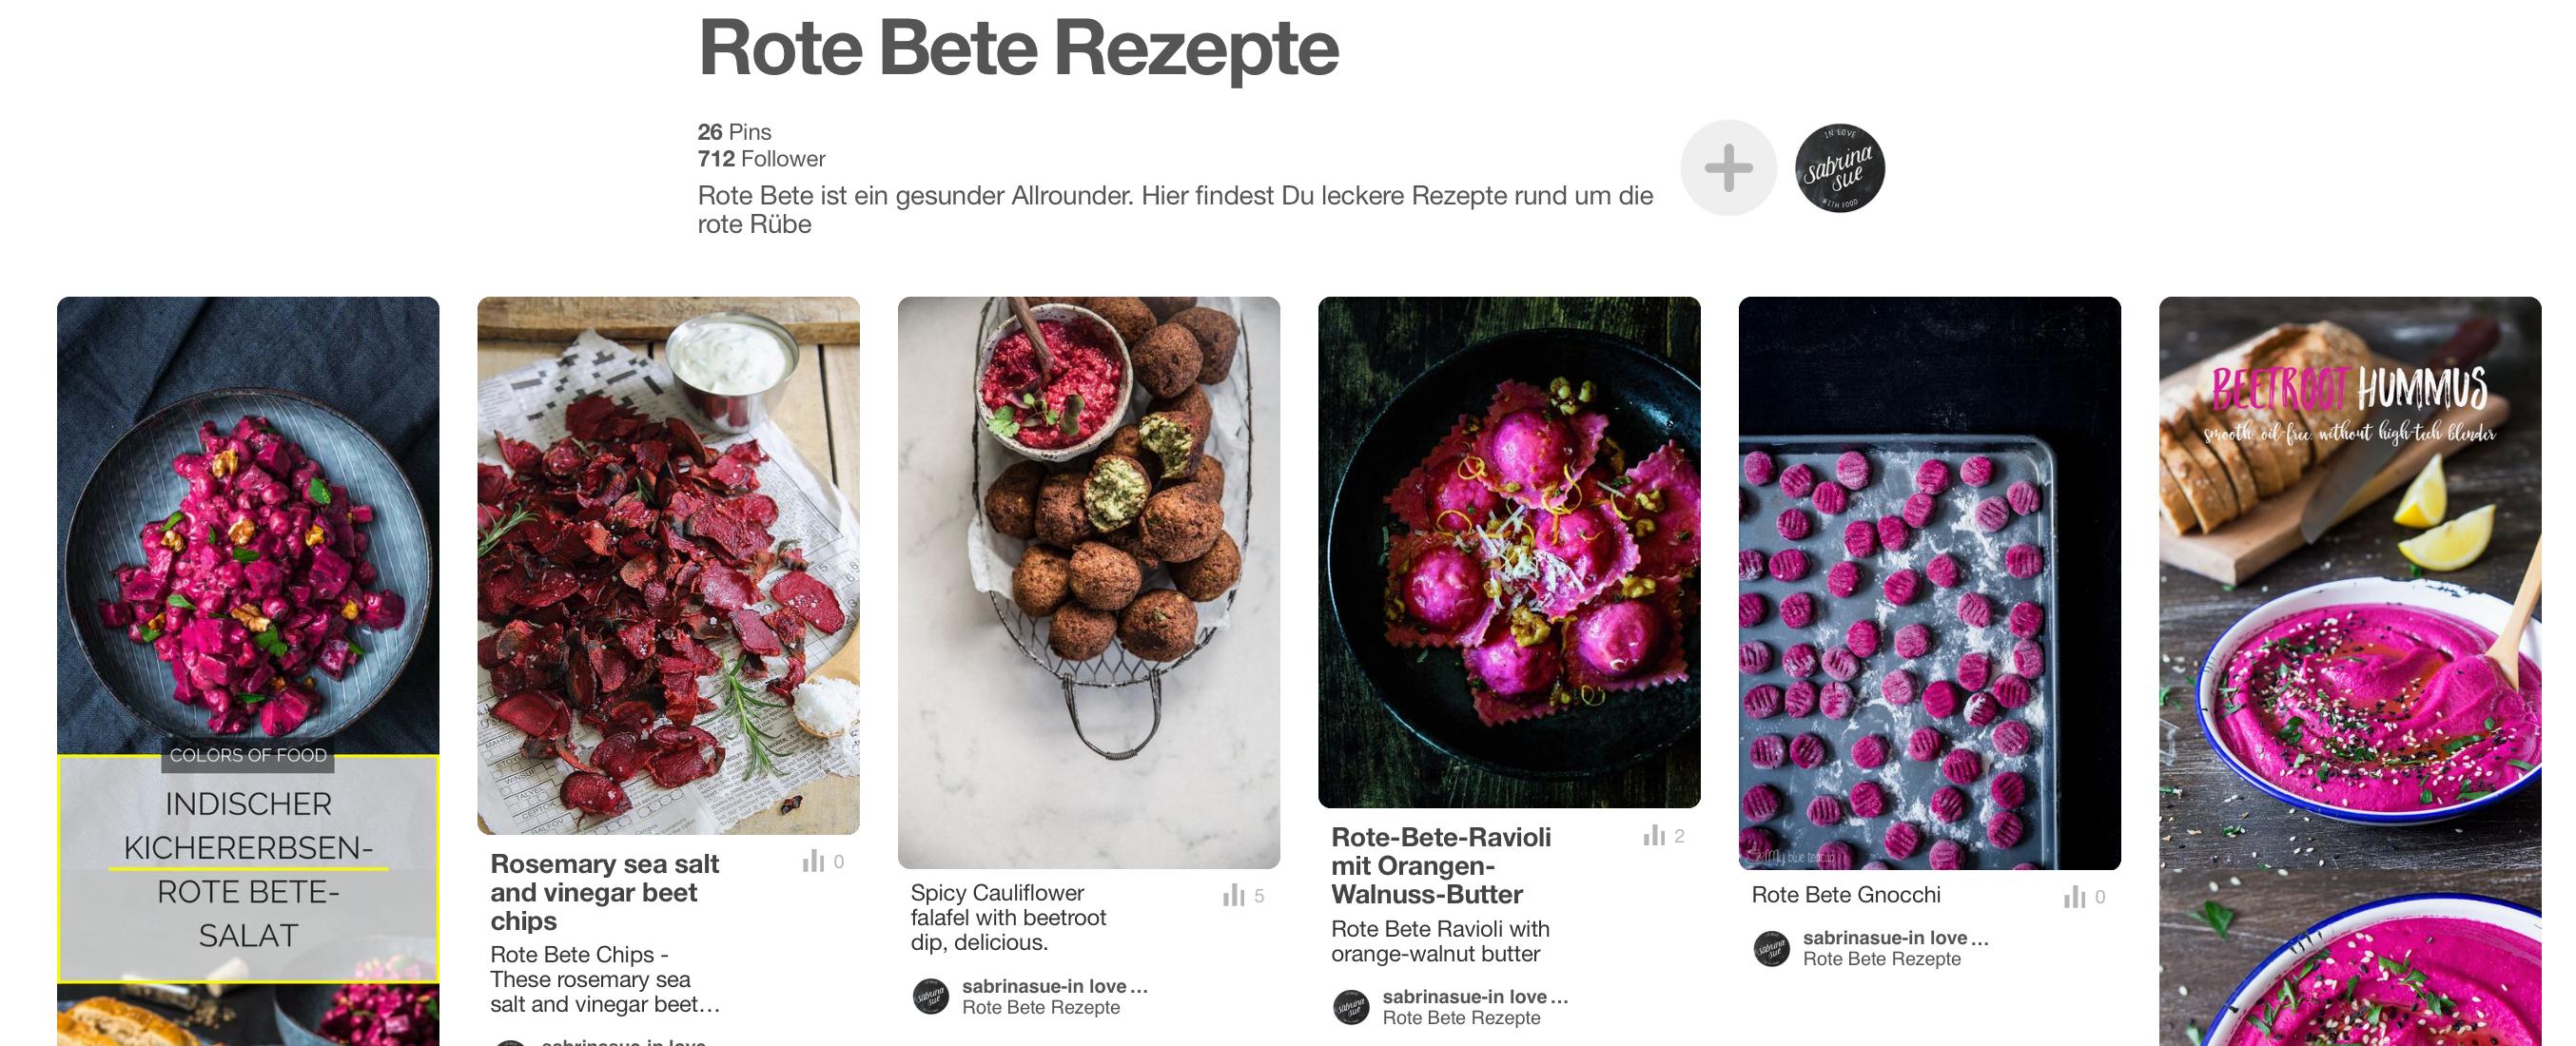 Rote Bete Rezepte auf Pinterest